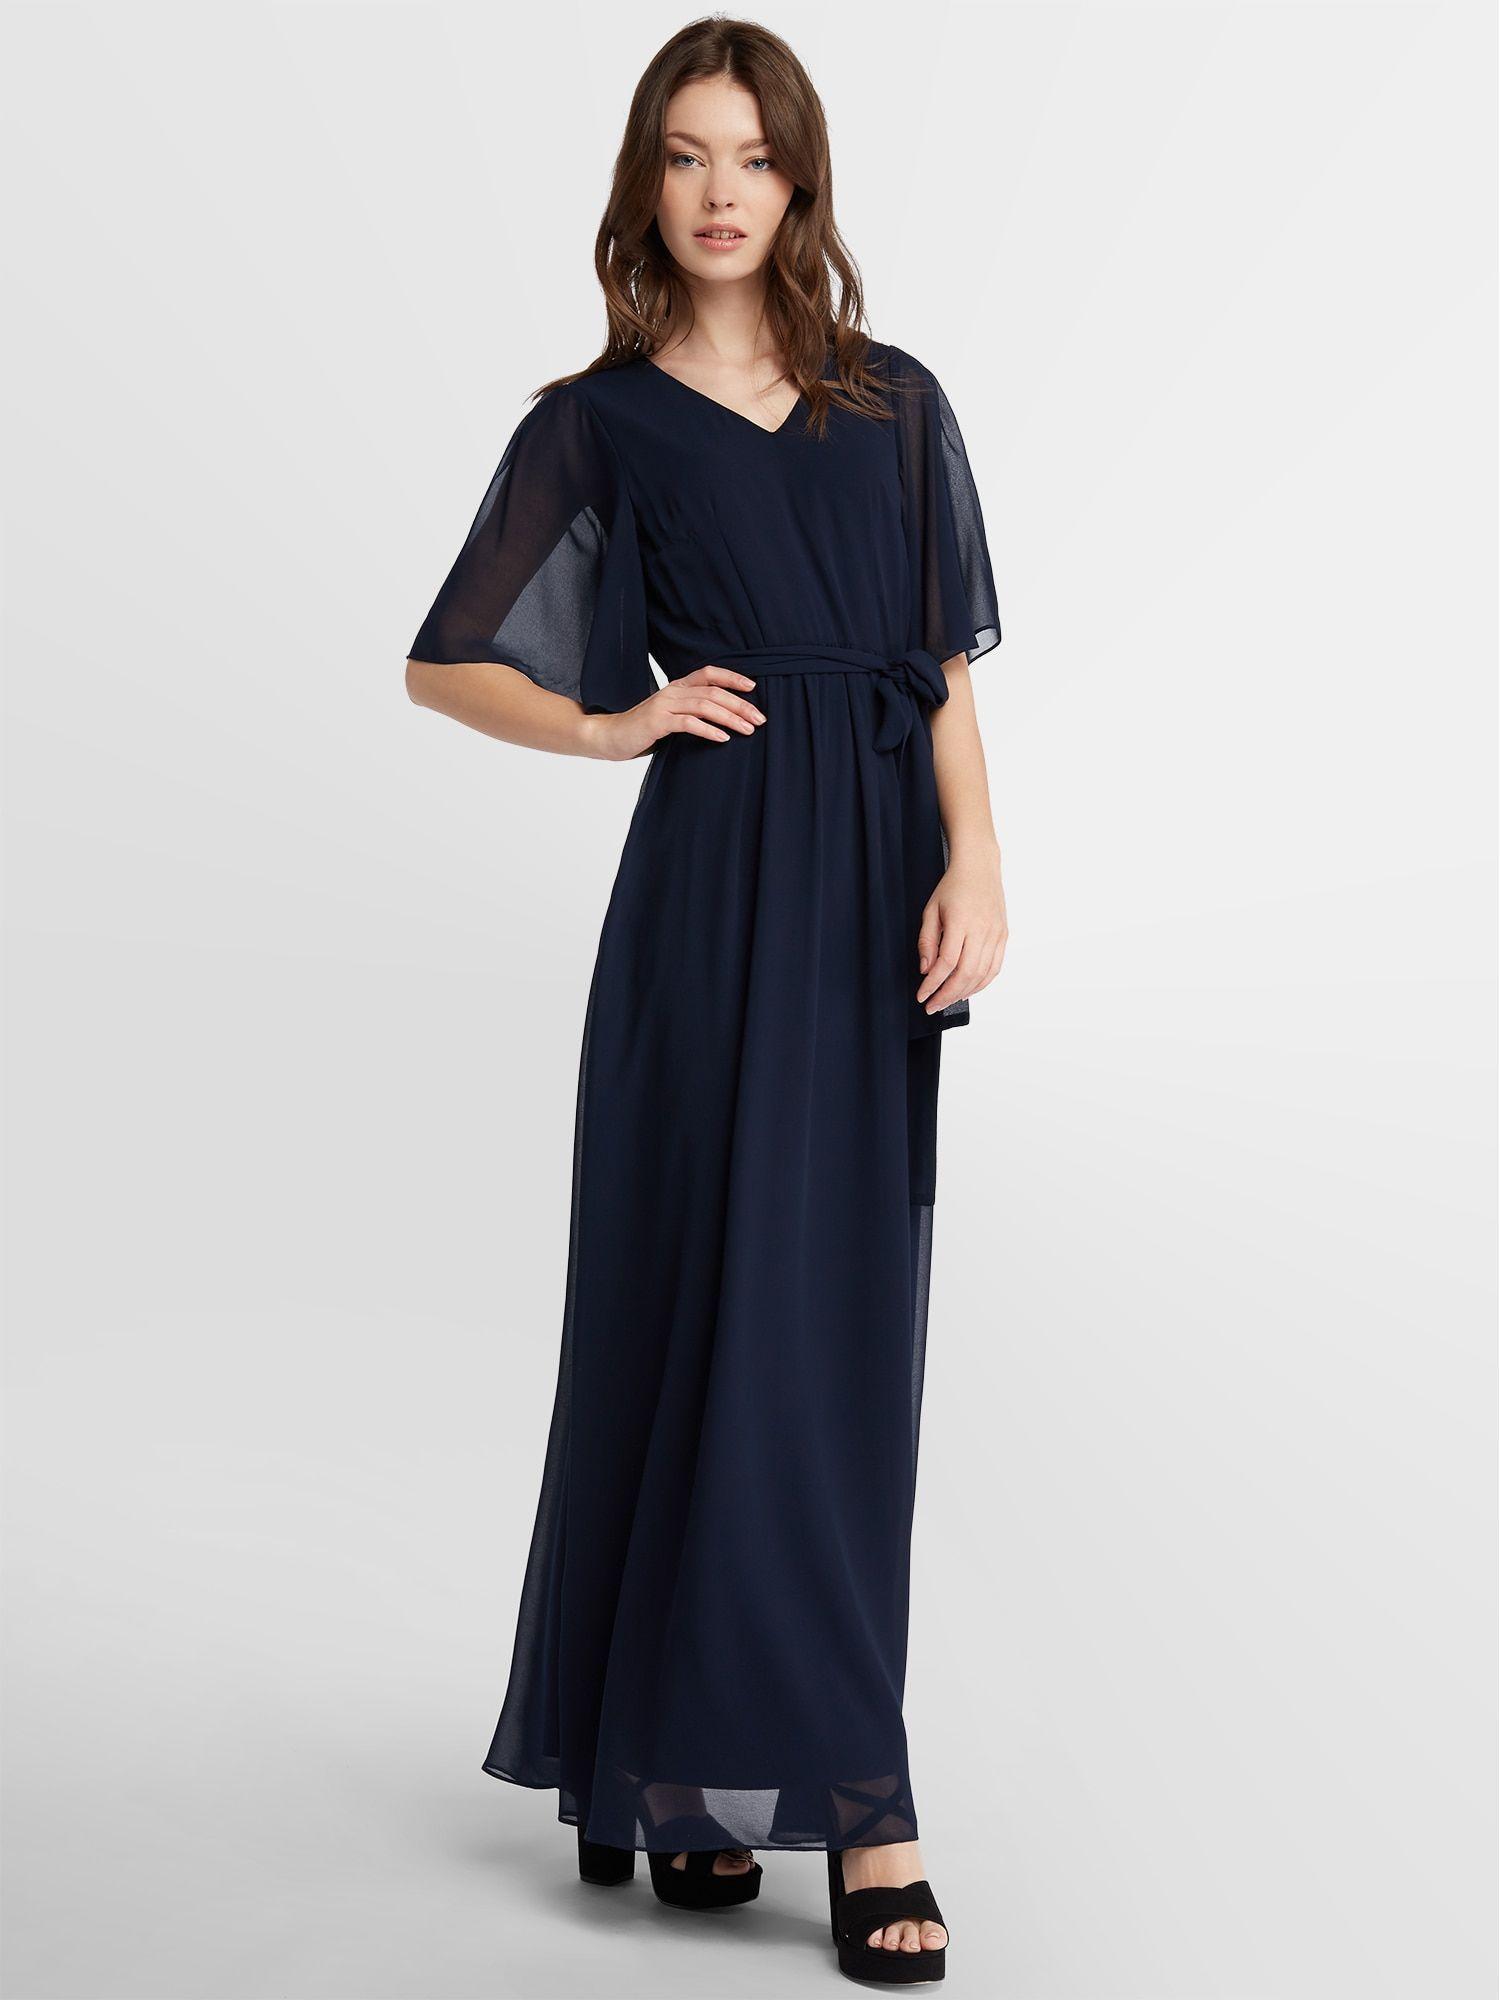 apart chiffon dress in midnight blue - apart chiffon dress